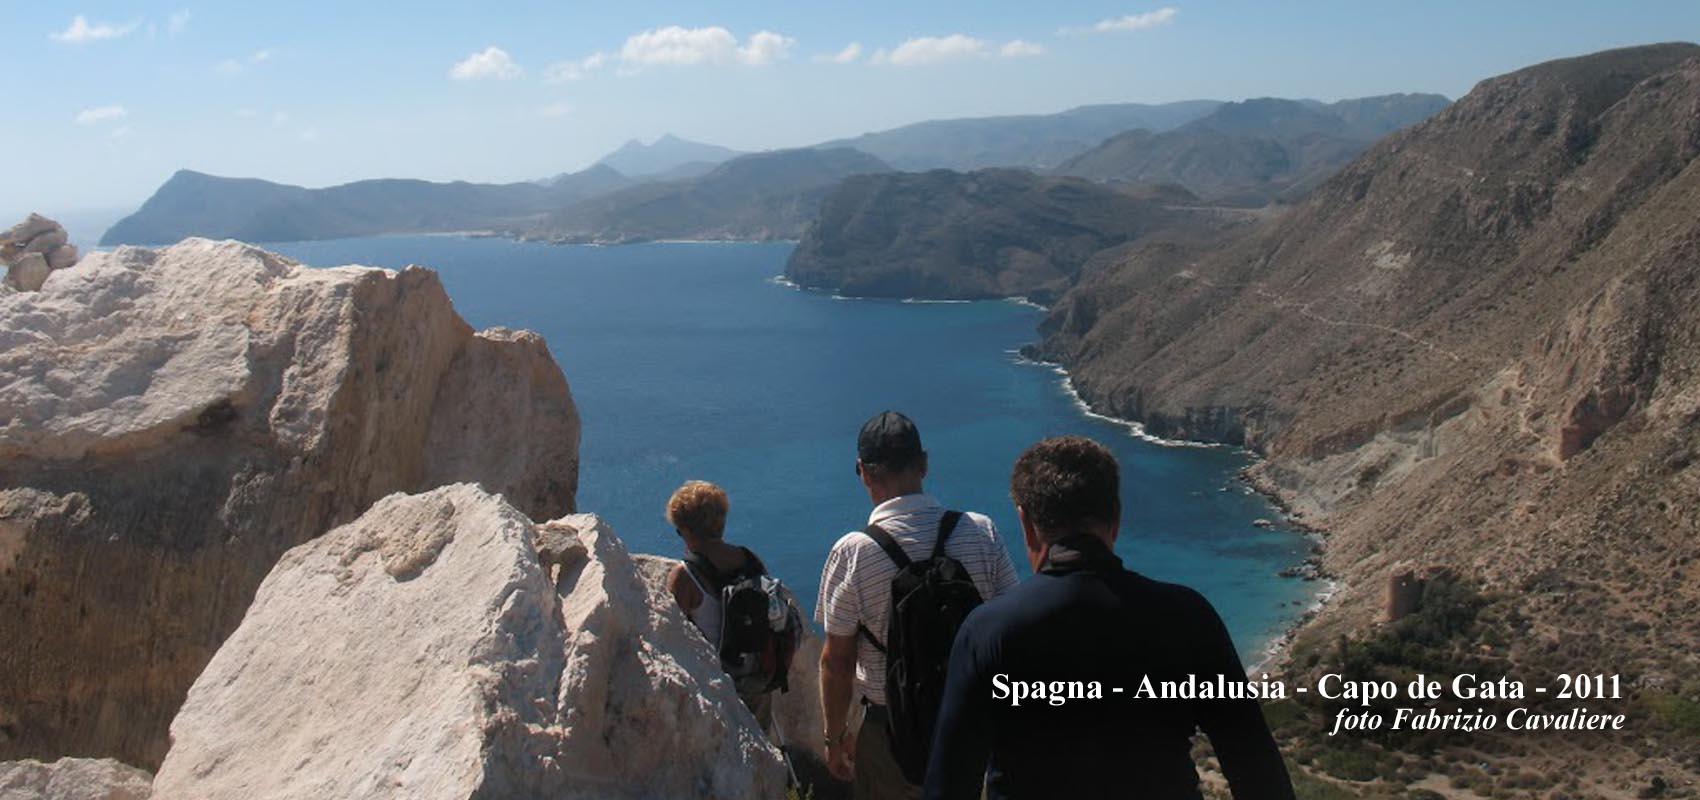 Spagna, Andalusia - Capo de Gata - 2011